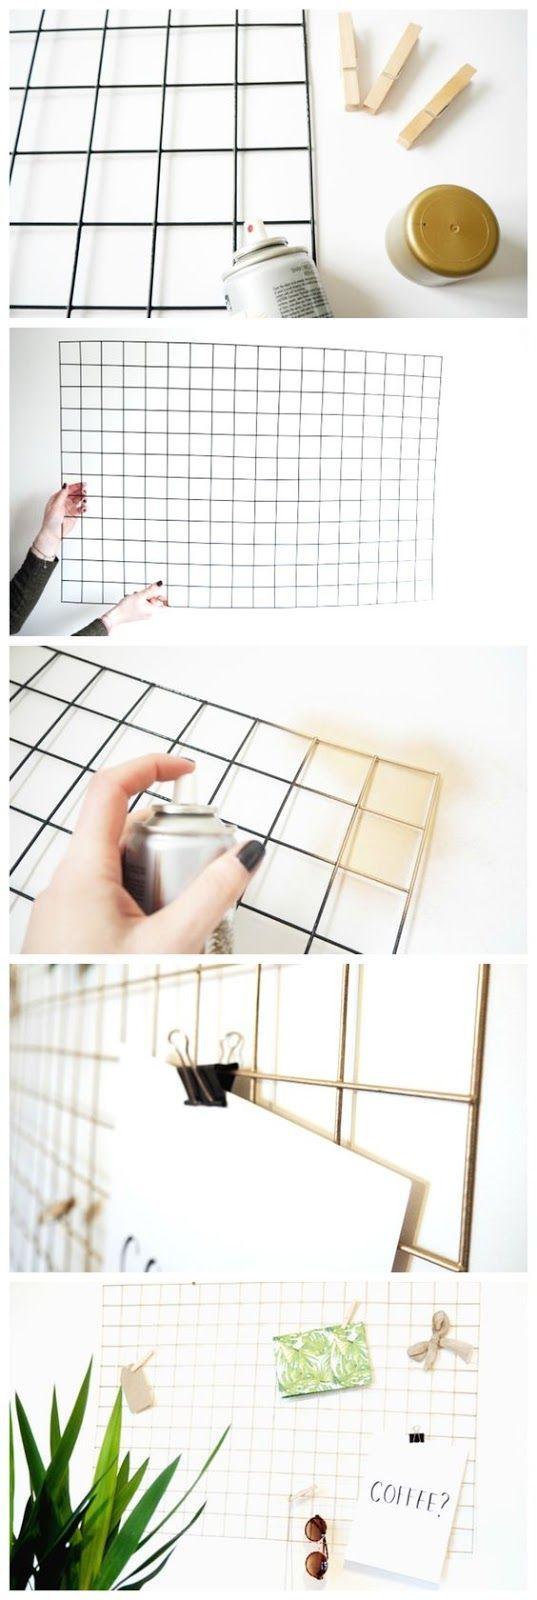 Este es un tutorial muy sencillo con el que conseguirás decorar ese rincón de casa aburrido y darle un toque moderno y funcional ya que est... Clique aqui http://publicidademarketing.com/50-dicas-de-decoracao-para-casa-e-escritorios-empresariais/ e descubra 50 DICAS DE DECORAÇÃO PARA CASA E ESCRITÓRIOS EMPRESARIAIS #dicasdedecoração #designinteriores Clique aqui http://publicidademarketing.com/50-dicas-de-decoracao-para-casa-e-escritorios-empresariais/ e descubra 50 DICAS DE DECORAÇÃO PARA…